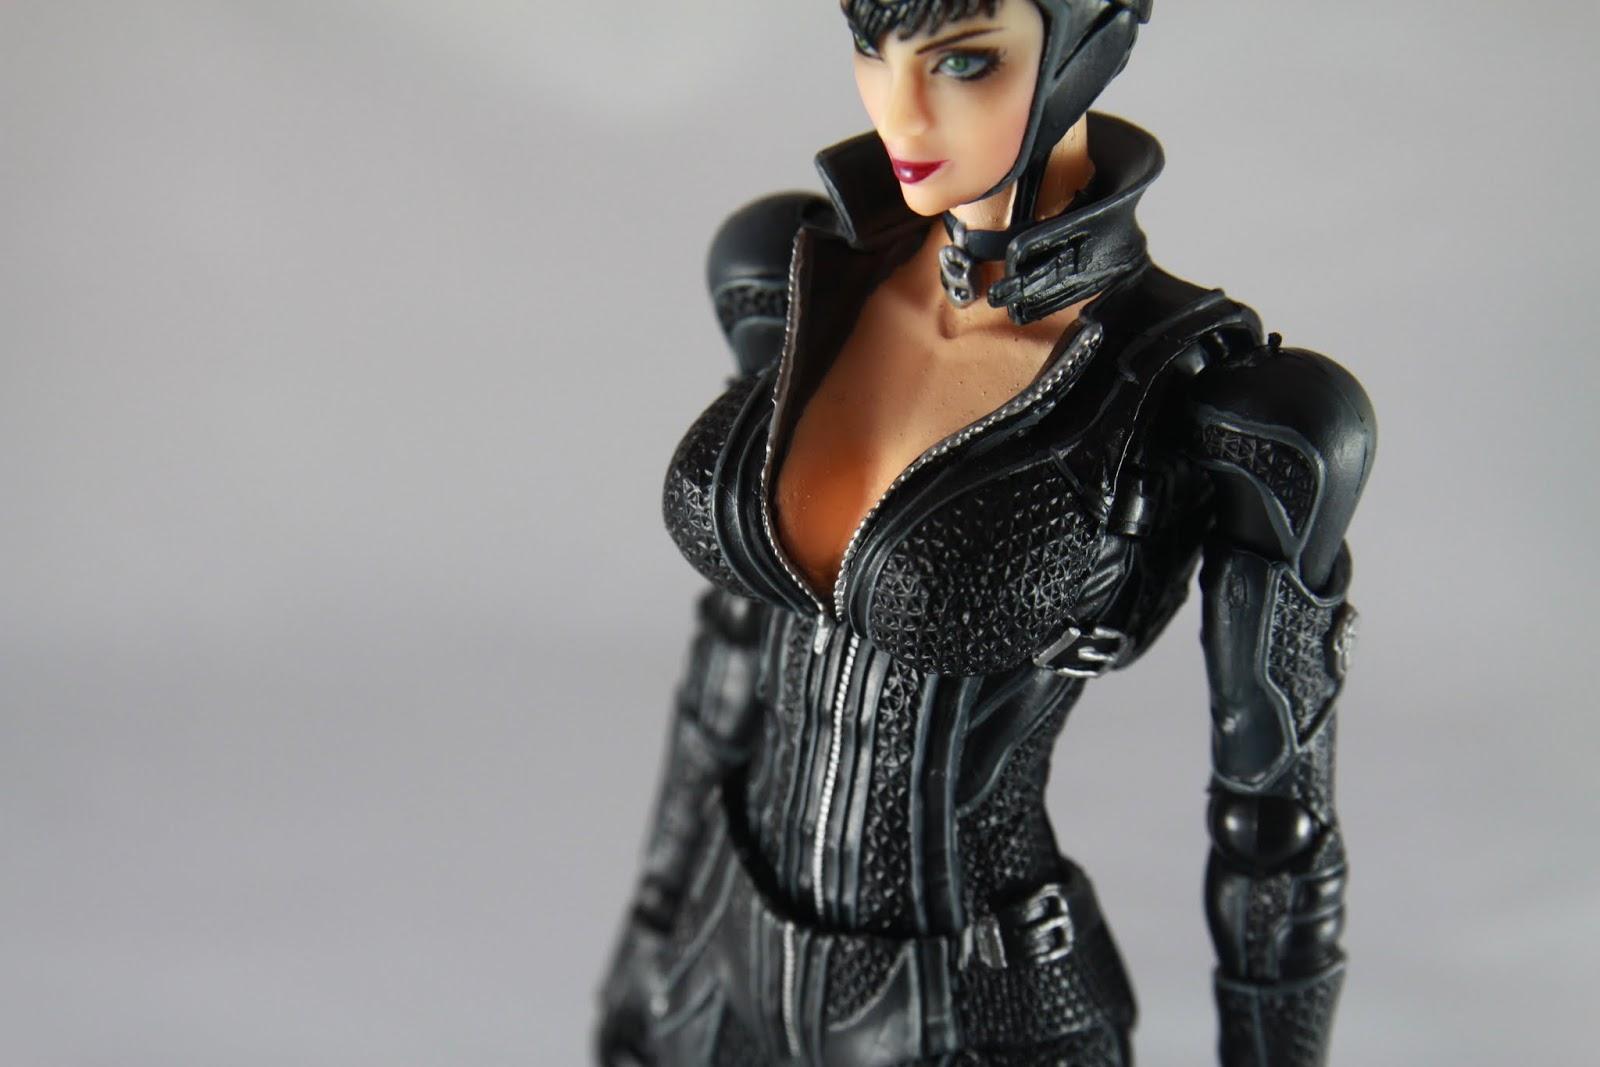 這溝真是不錯 比起Harley Quinn有過之無不及 呃其實我這張是要說衣服的質感做的很細緻拉 真的